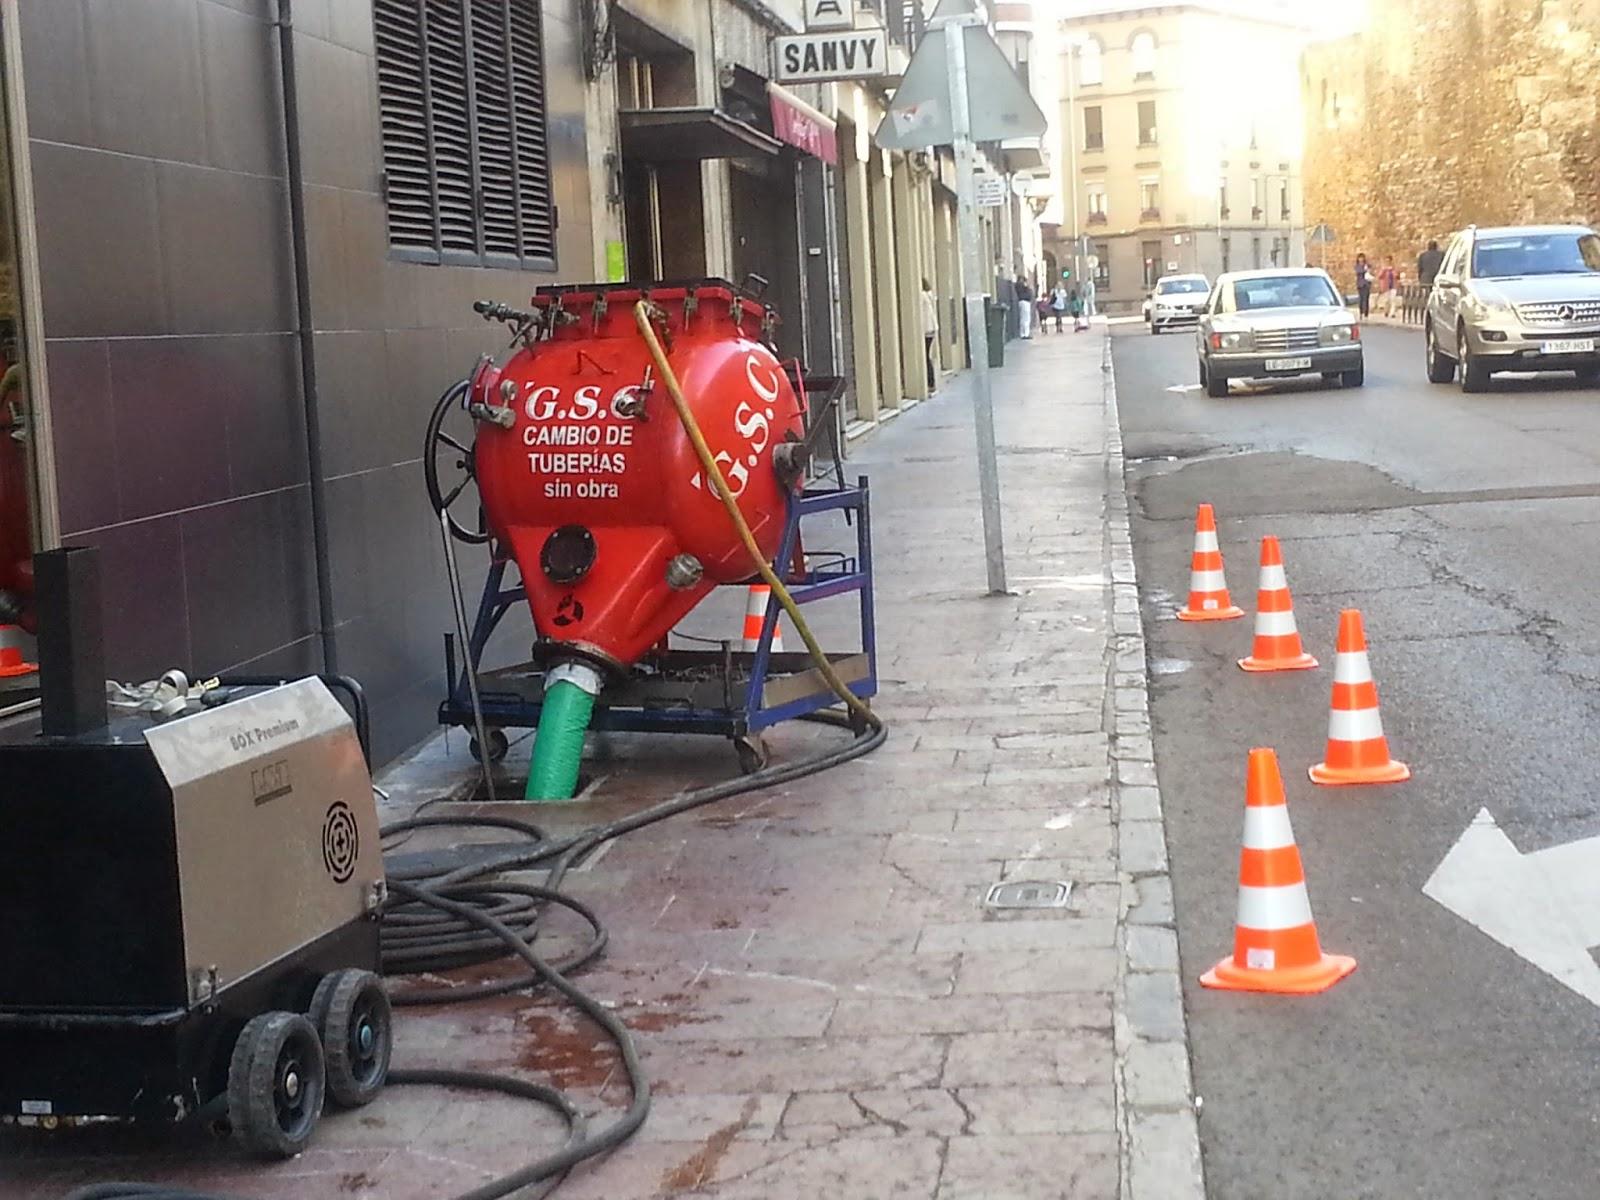 Rehabilitación con manga en tiempo record en la ciudad de León